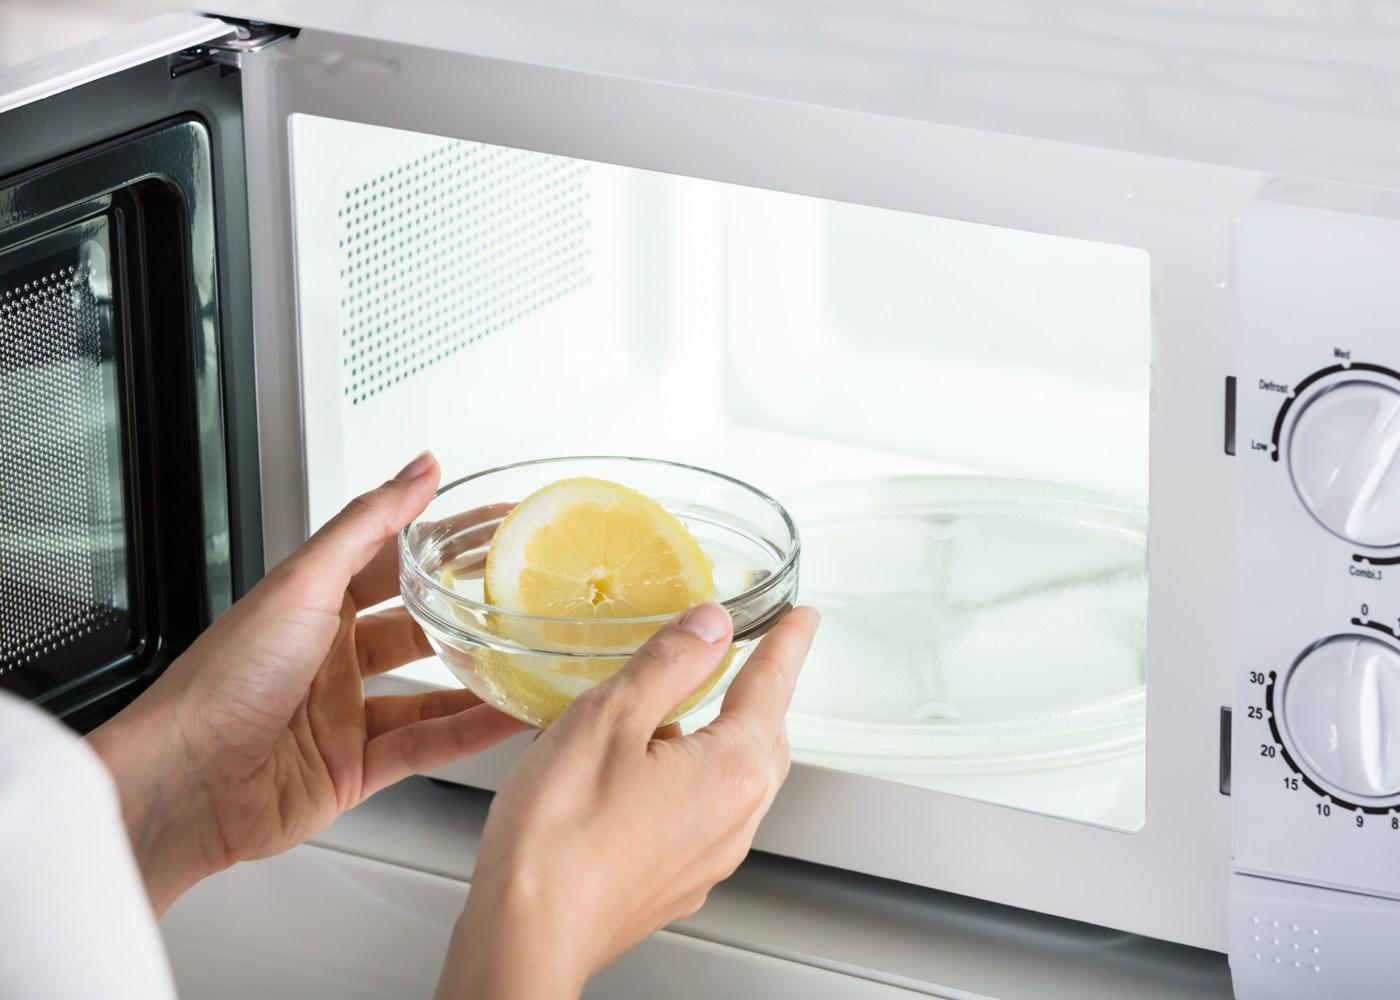 pessoa a colocar taça com água e limão dentro do microondas para limpar